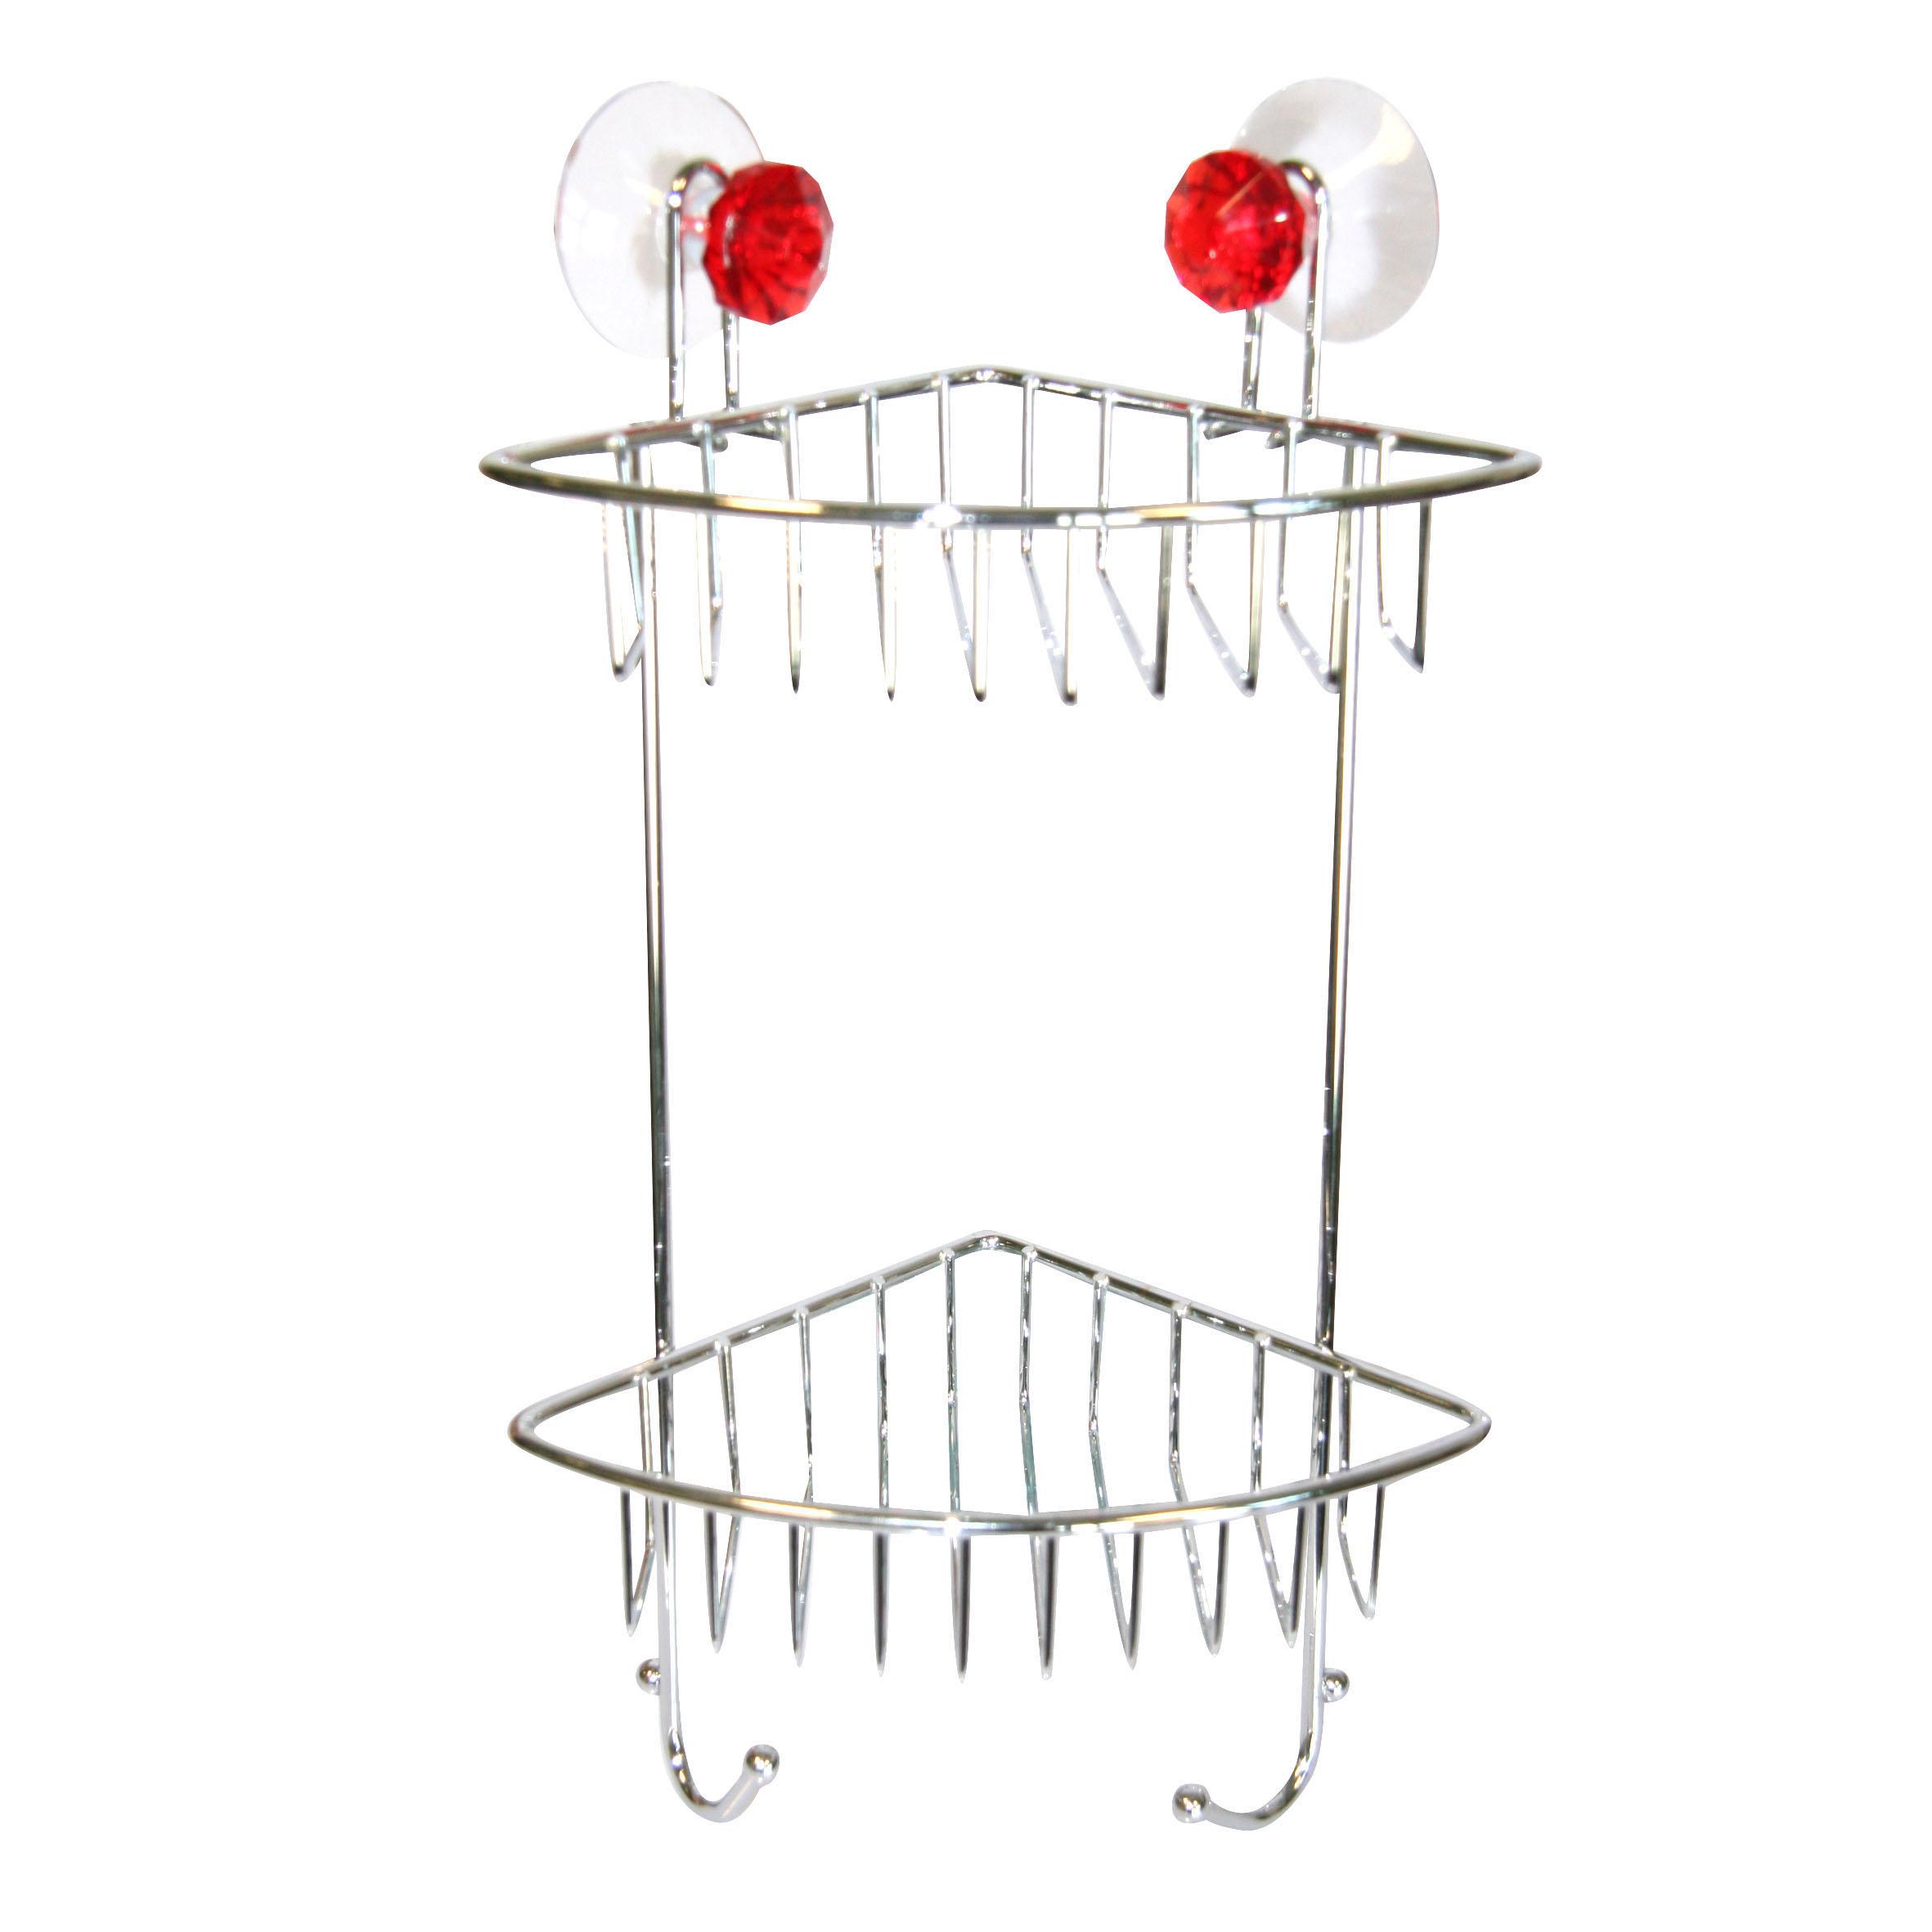 Полка для ванной Top Star Kristall, угловая, двухъярусная, на присосках, цвет:стальной, 14 х 19 х 34 см280884Угловая полка для ванной Top Star Kristall изготовлена из стали с качественным хромированным покрытием, которое надолго защитит изделие от ржавчины в условиях высокой влажности в ванной комнате. Изделие имеет два яруса и крепится к стене с помощью четырех присосок. Снизу расположены два крючка. Благодаря классическому дизайну и оптимальной вместимости такая полка подойдет для любого интерьера ванной комнаты или кухни.